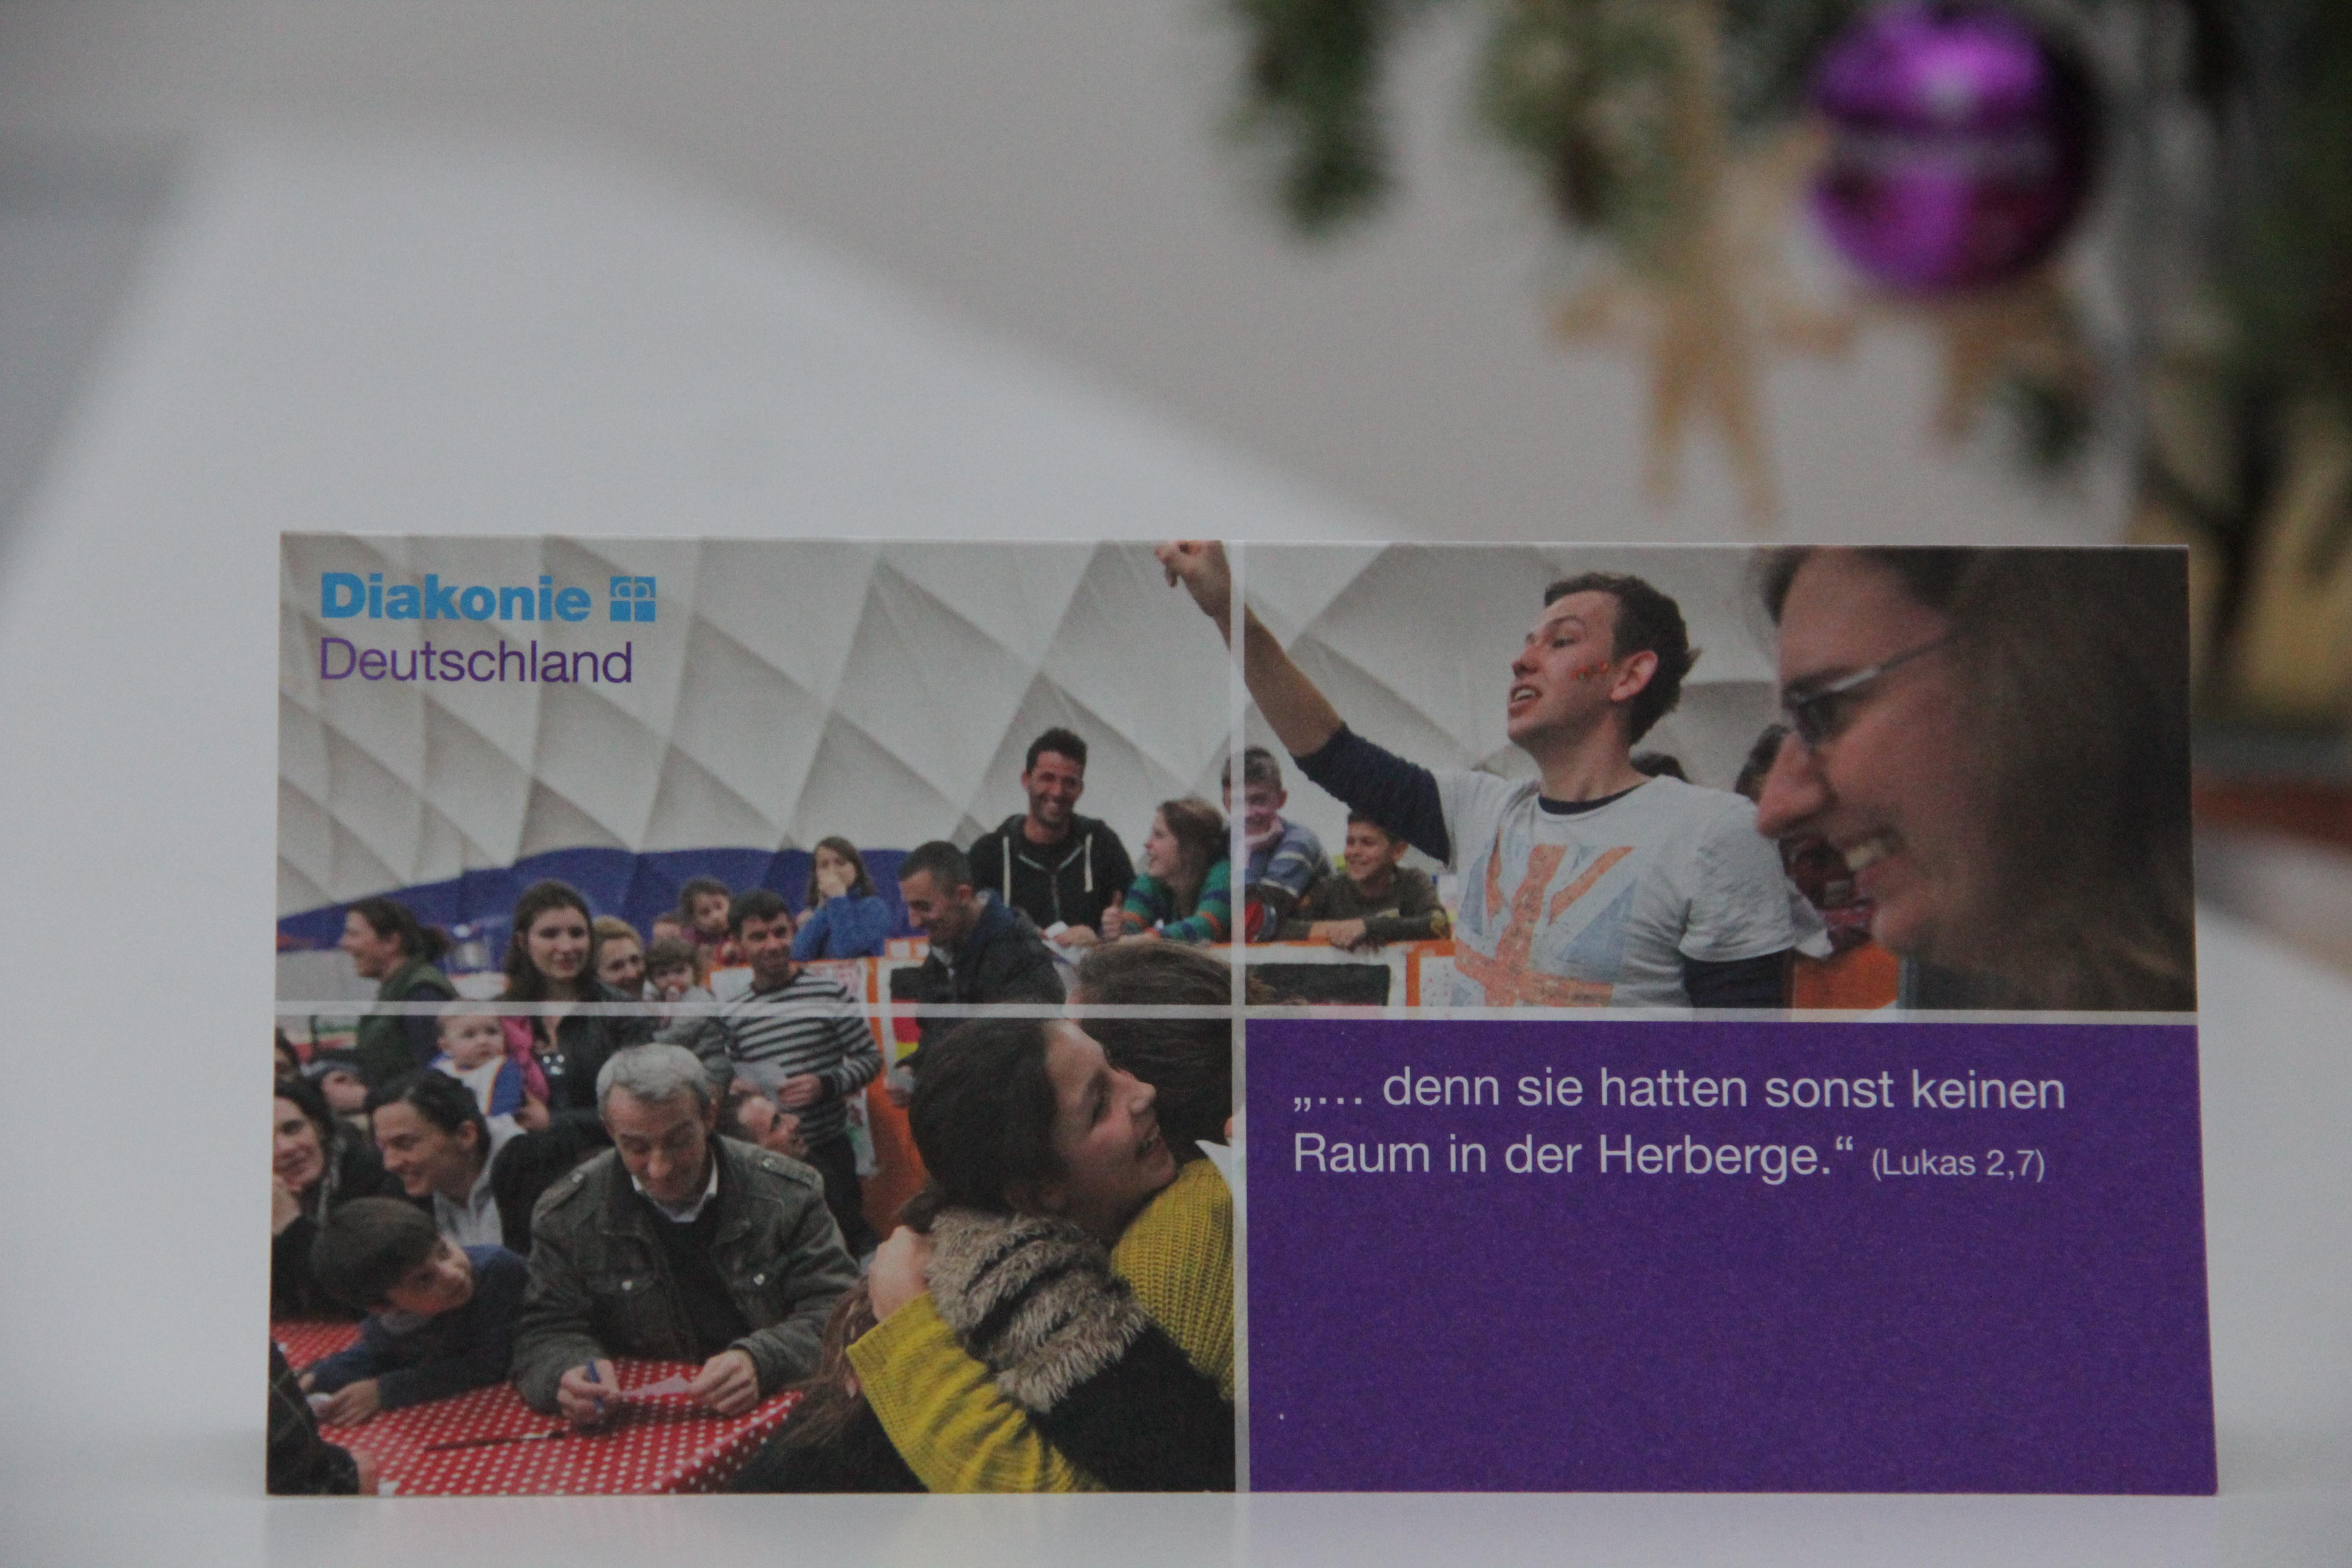 Die Weihnachtskarte, die wir im Namen der Diakonie Deutschland dieses Jahr verschicken.